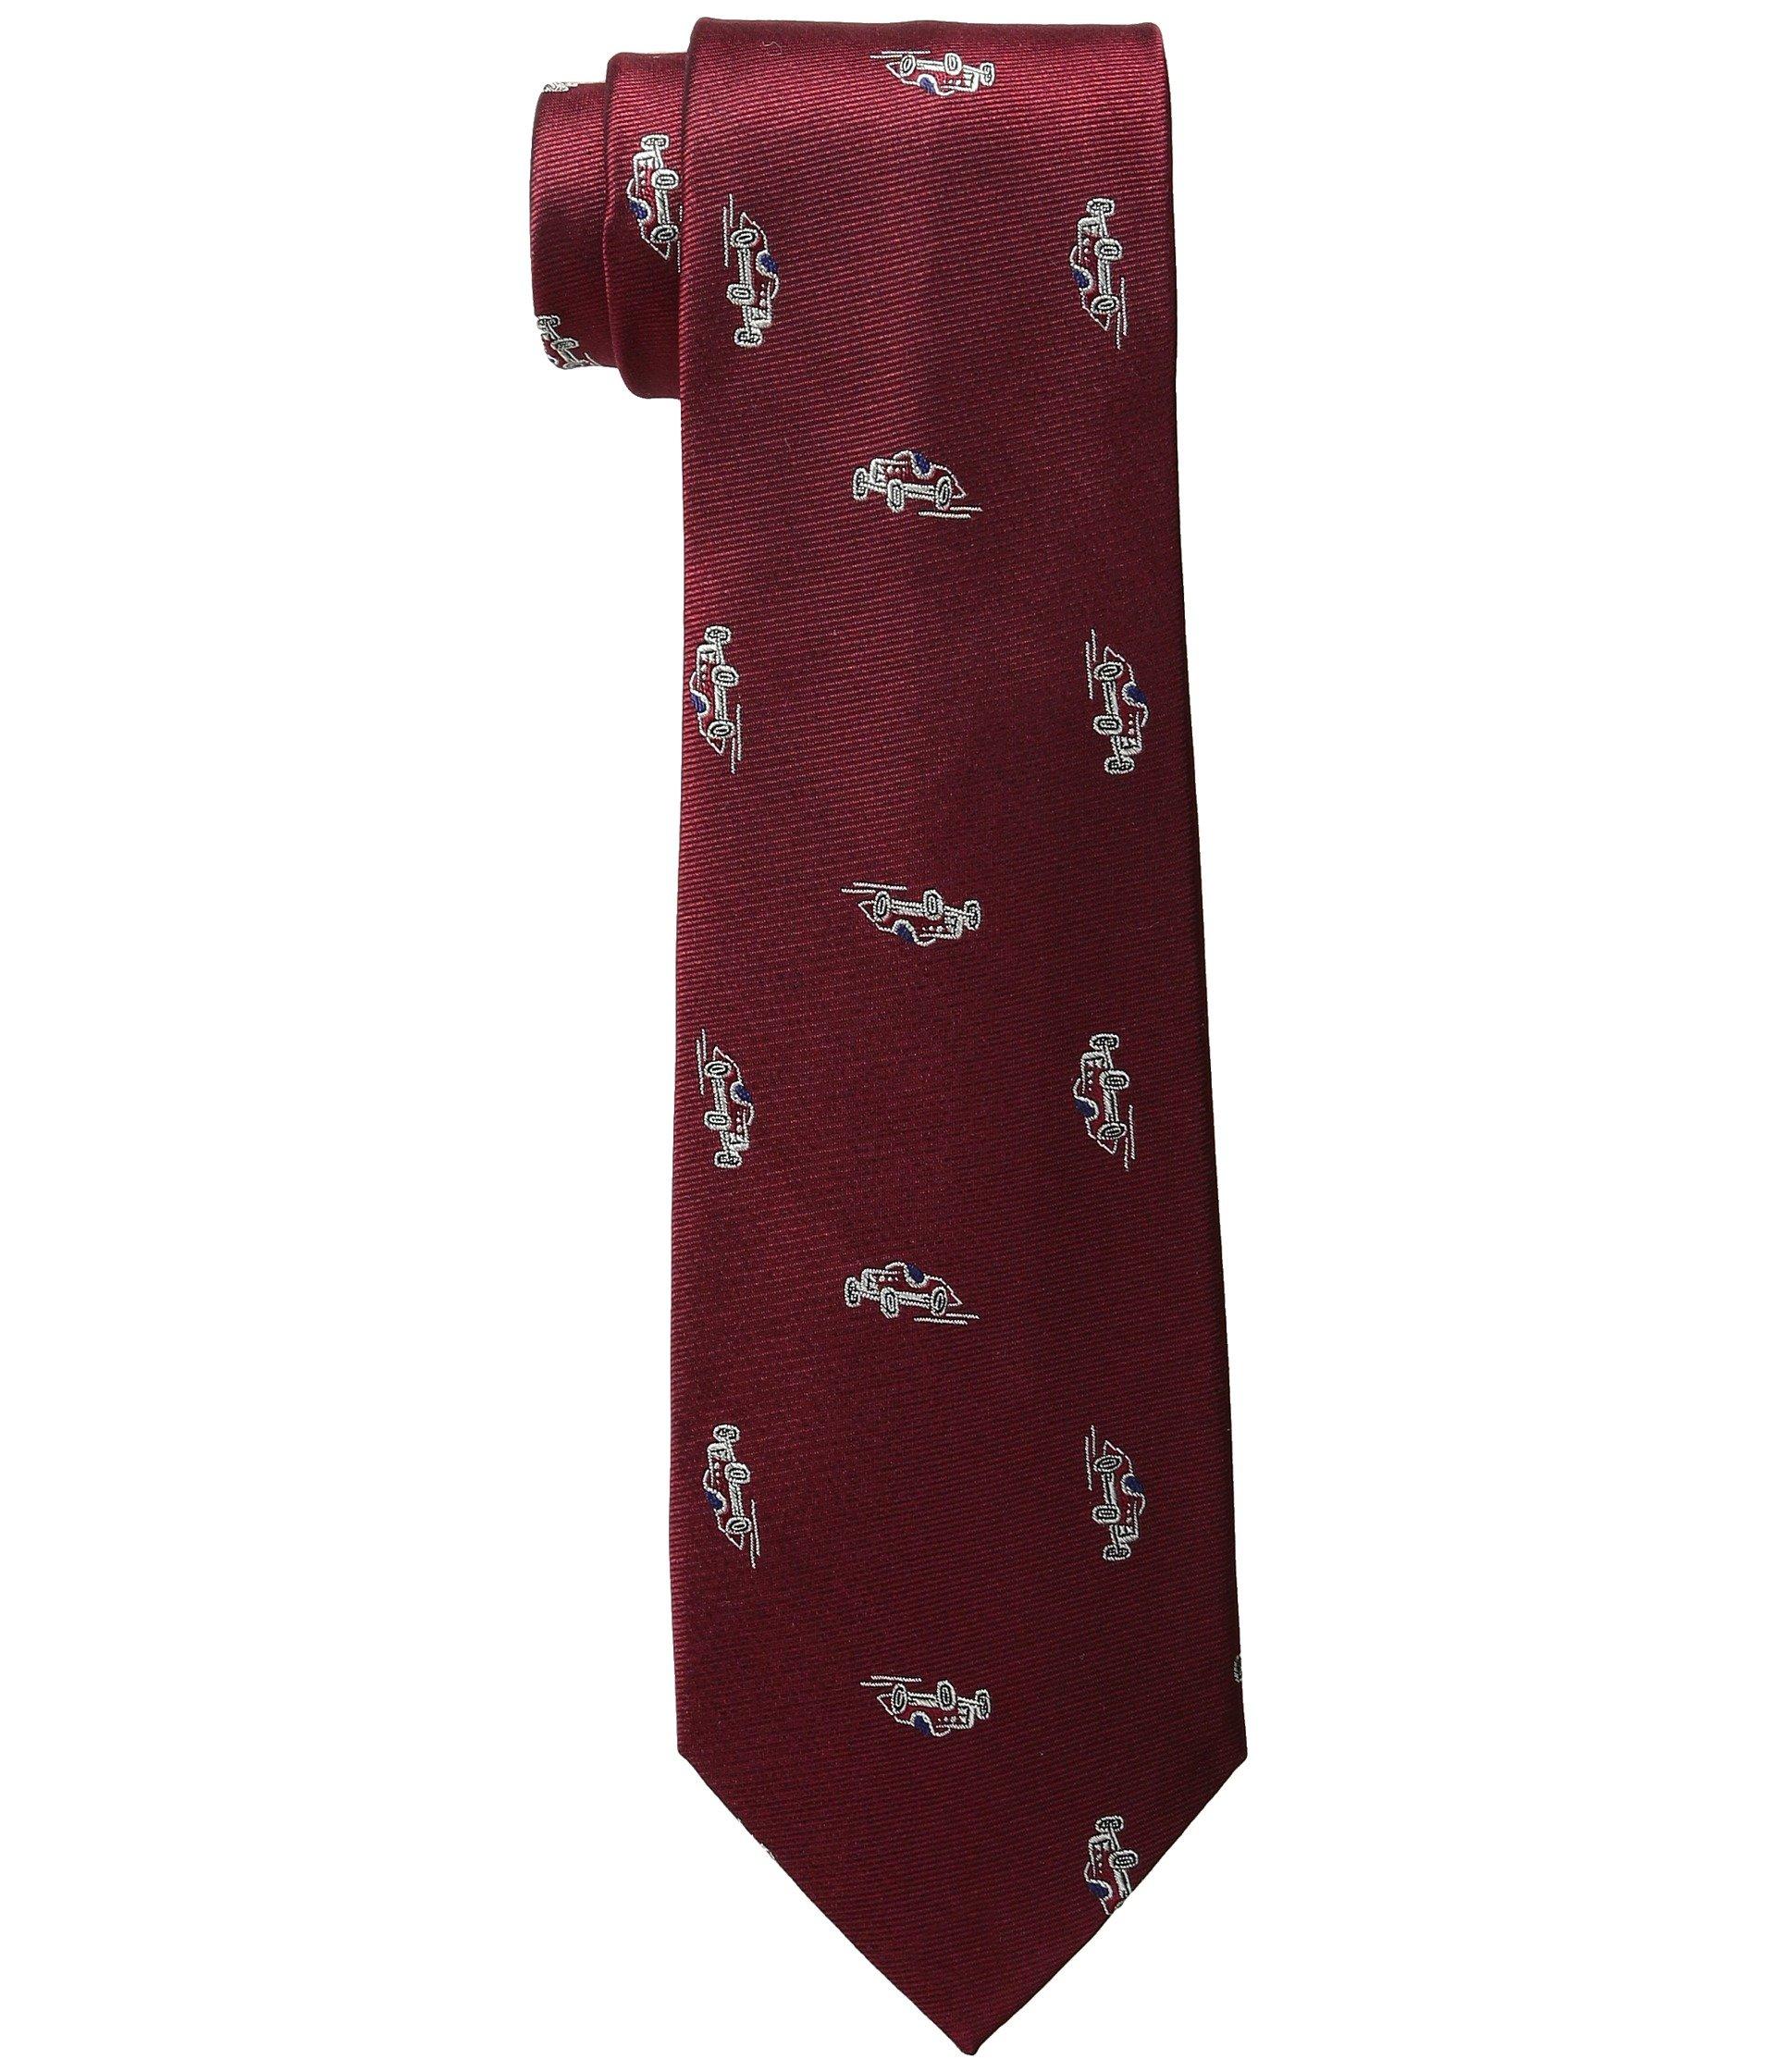 Corbata para Hombre LAUREN Ralph Lauren Car Club Tie  + LAUREN Ralph Lauren en VeoyCompro.net